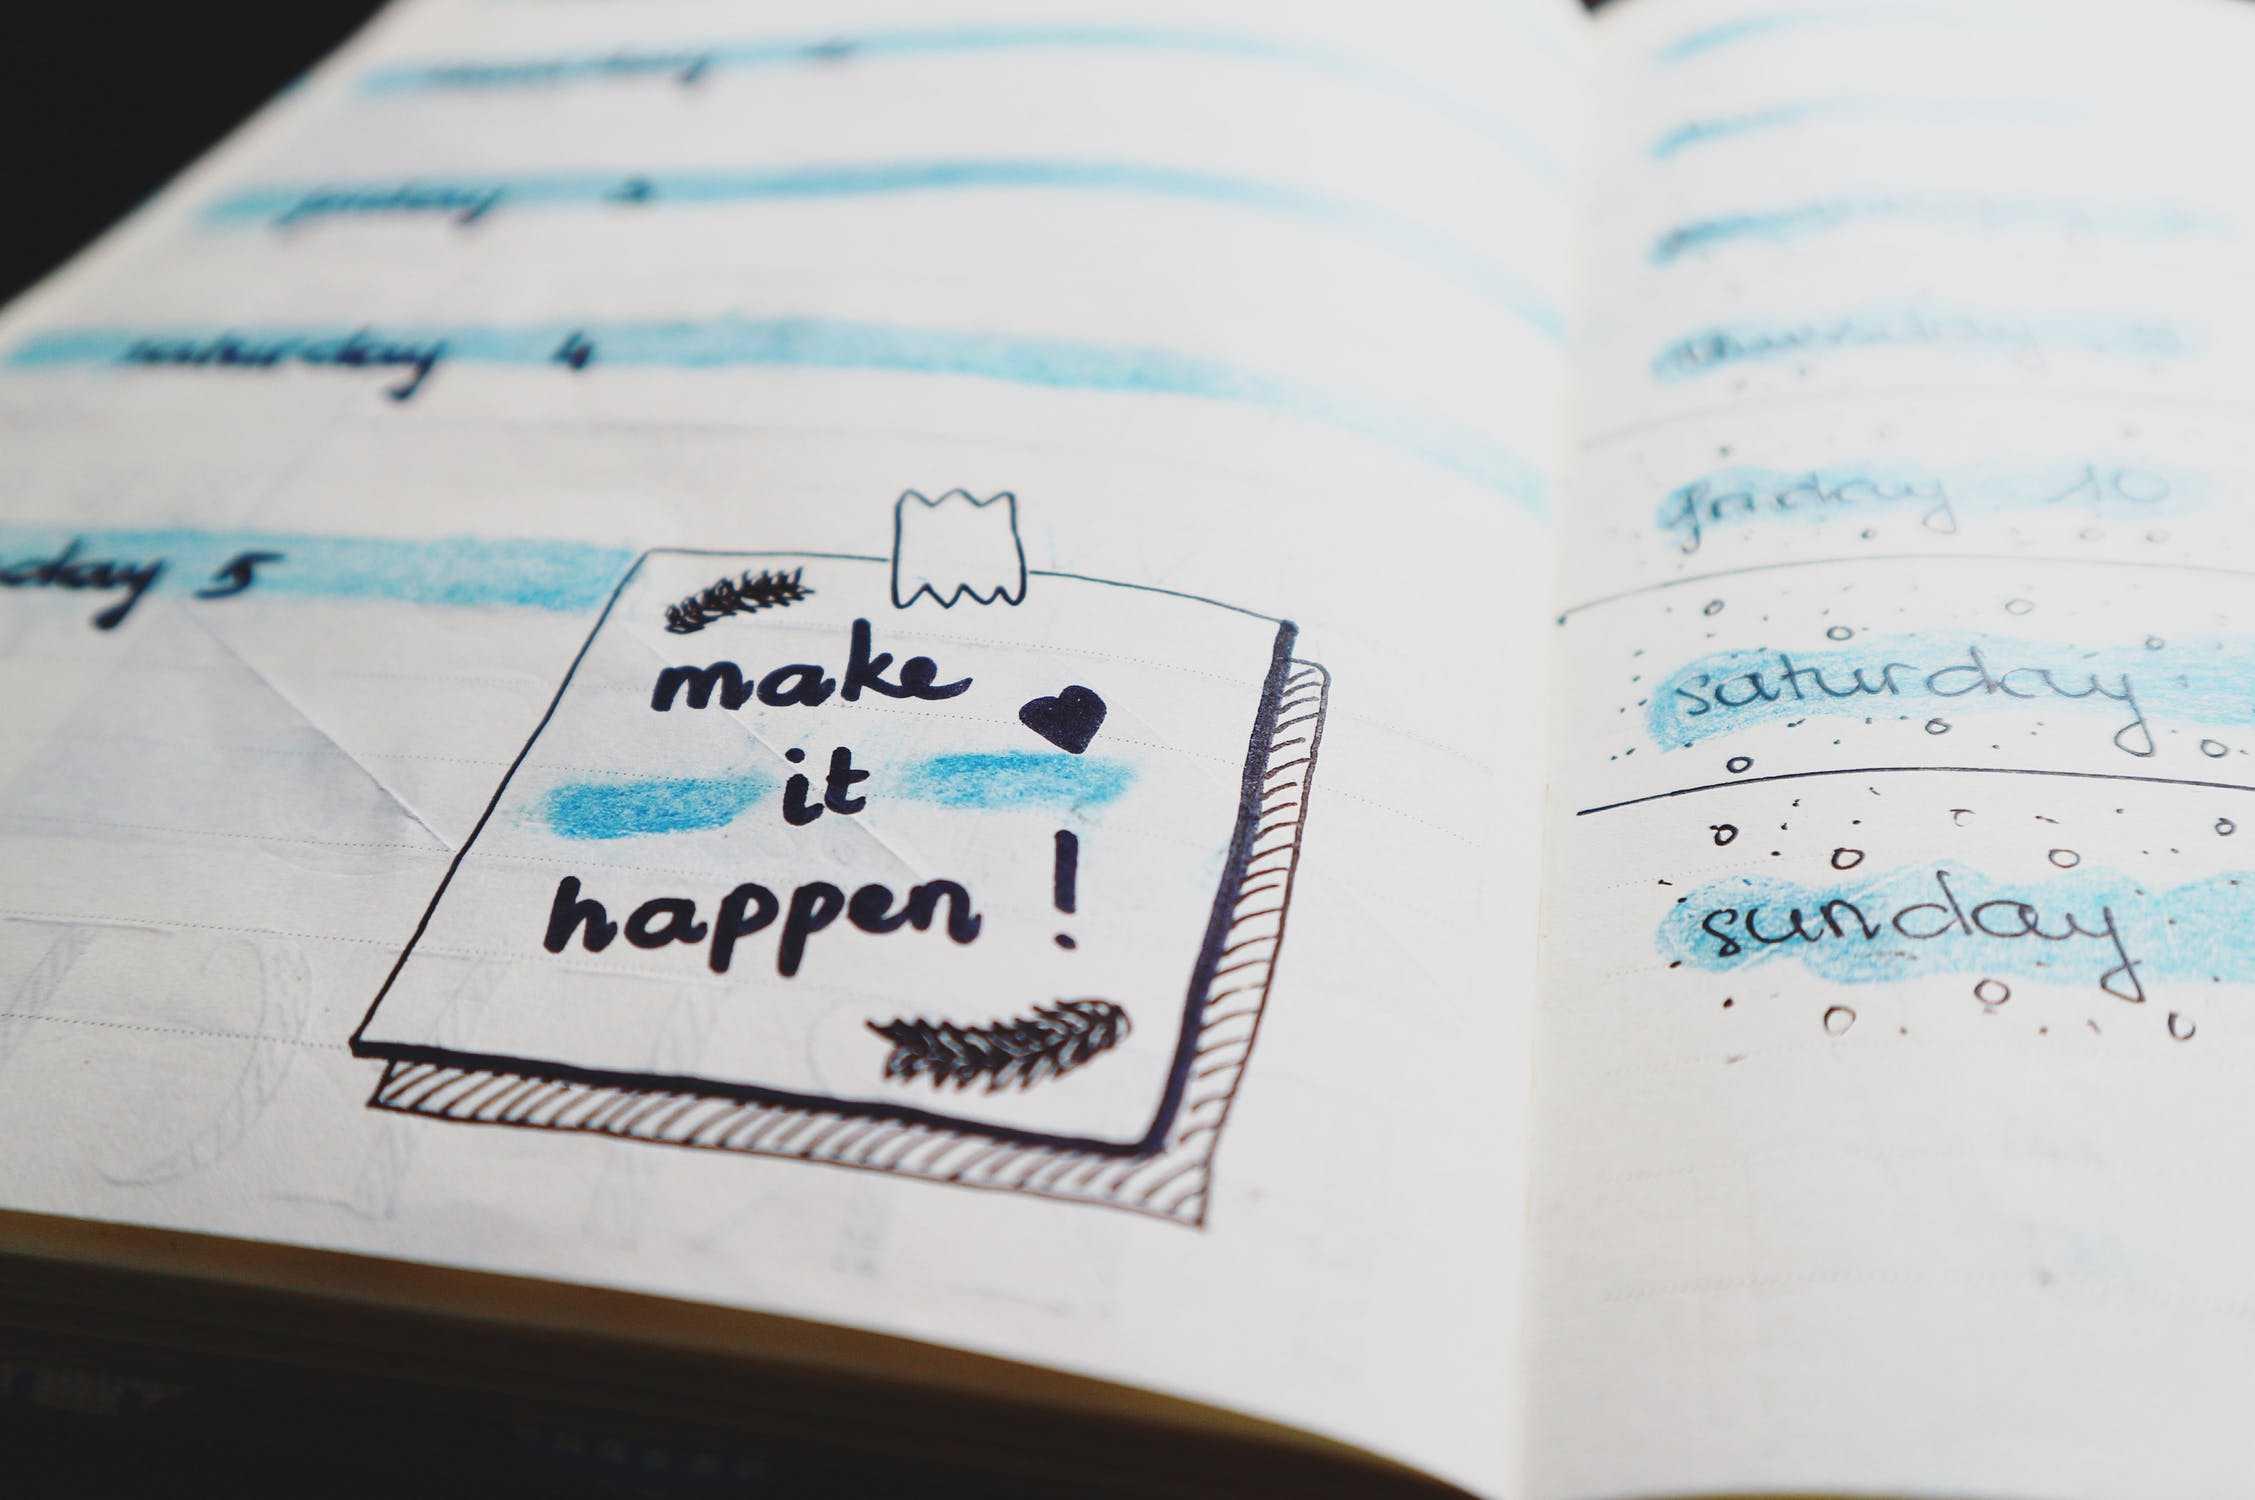 Psykoterapeut og coach - Coach dig selv - 6 tips fra en professionel coach